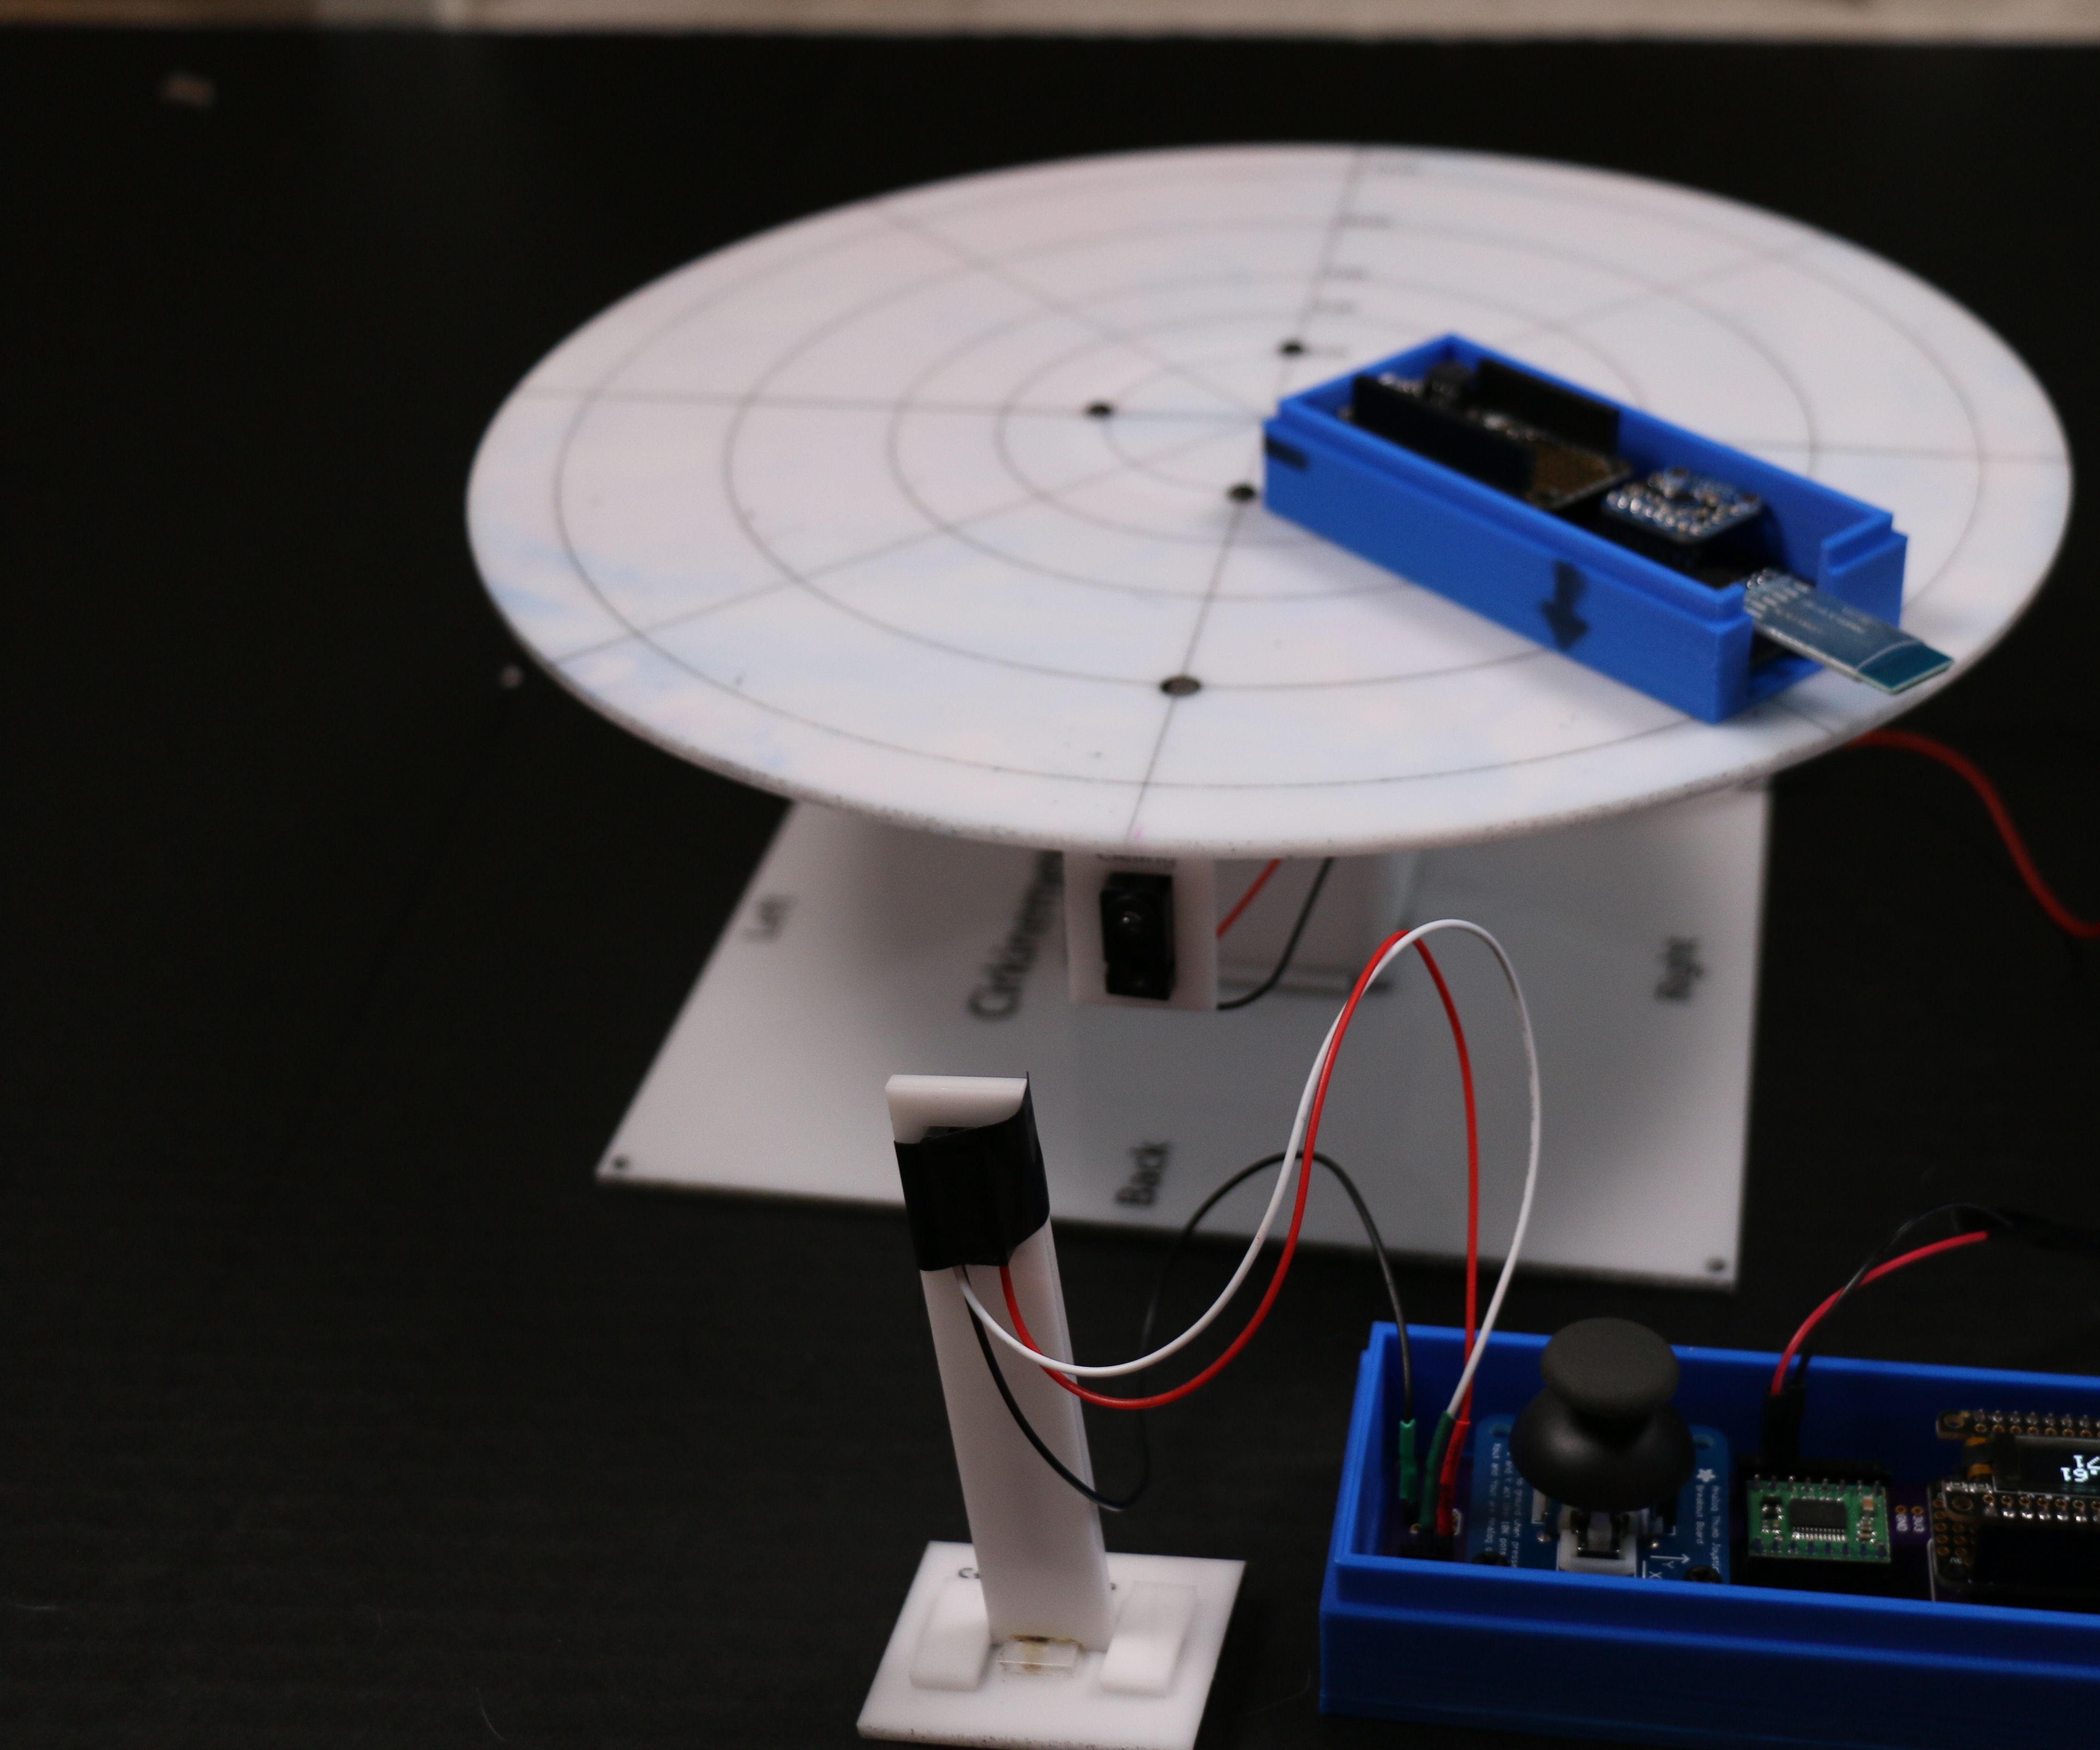 Cirkinemeter: Arduino-Based Circular Kinematics Platform